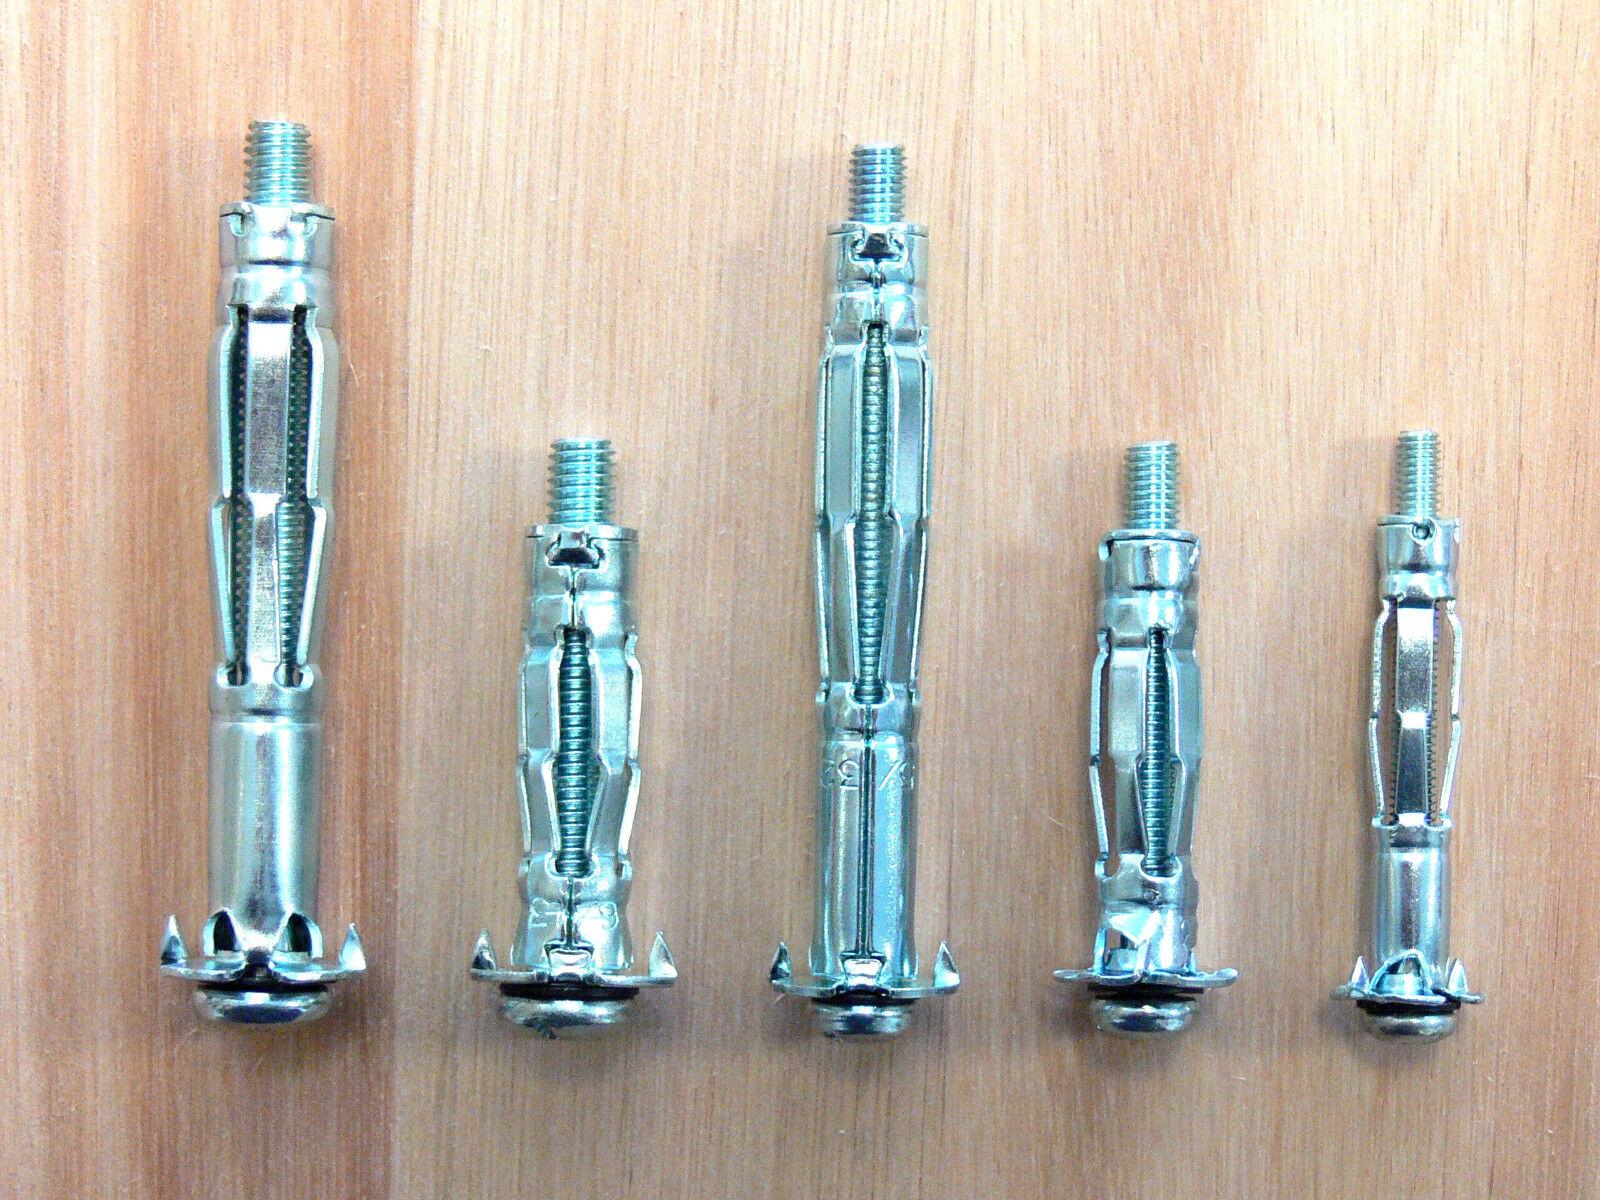 Berner Hohlraumanker-Dübel M 8 x 55 10 Stück set